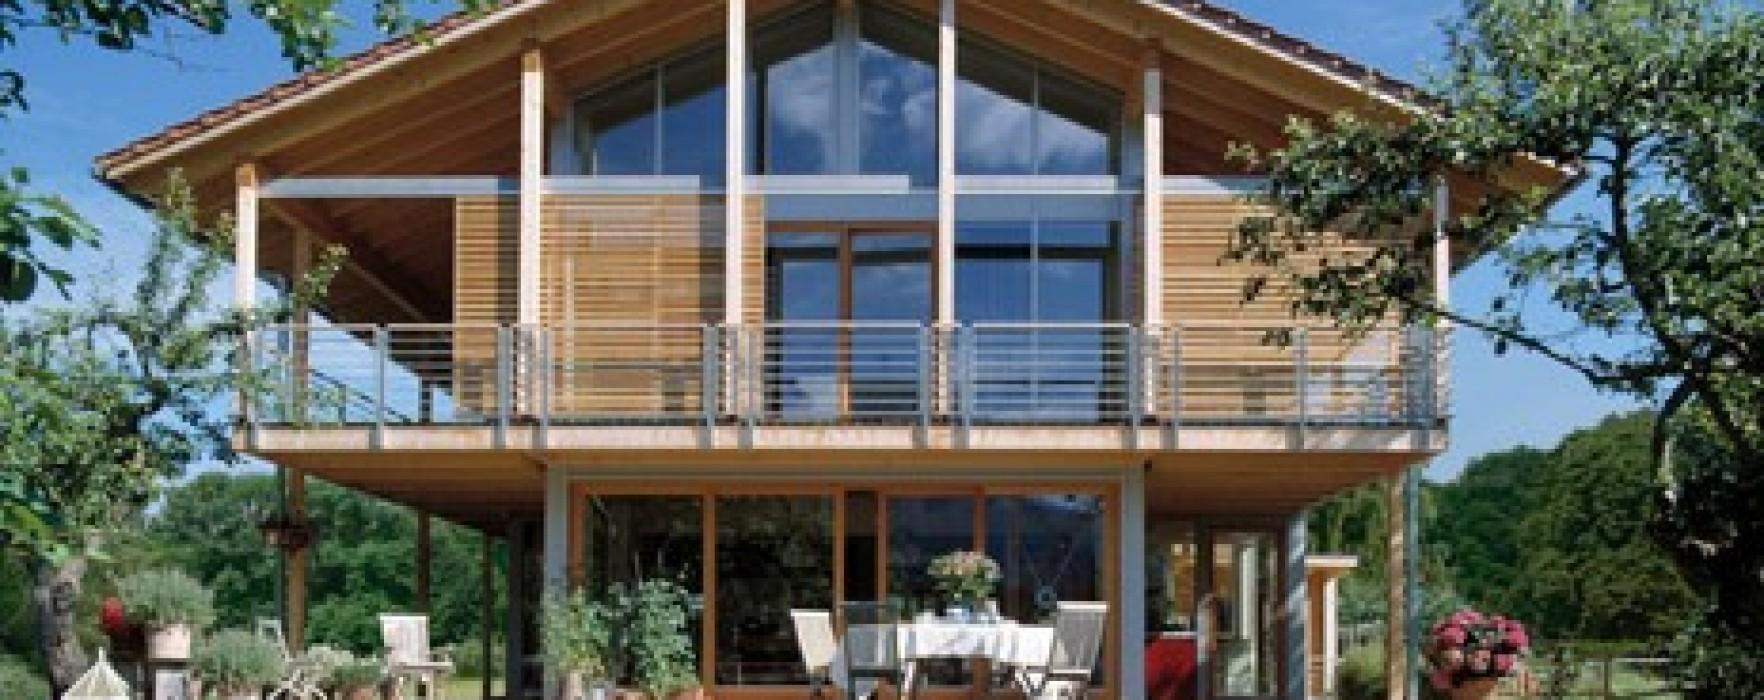 Vano scala e dispersioni in una casa di legno for Durata casa in legno